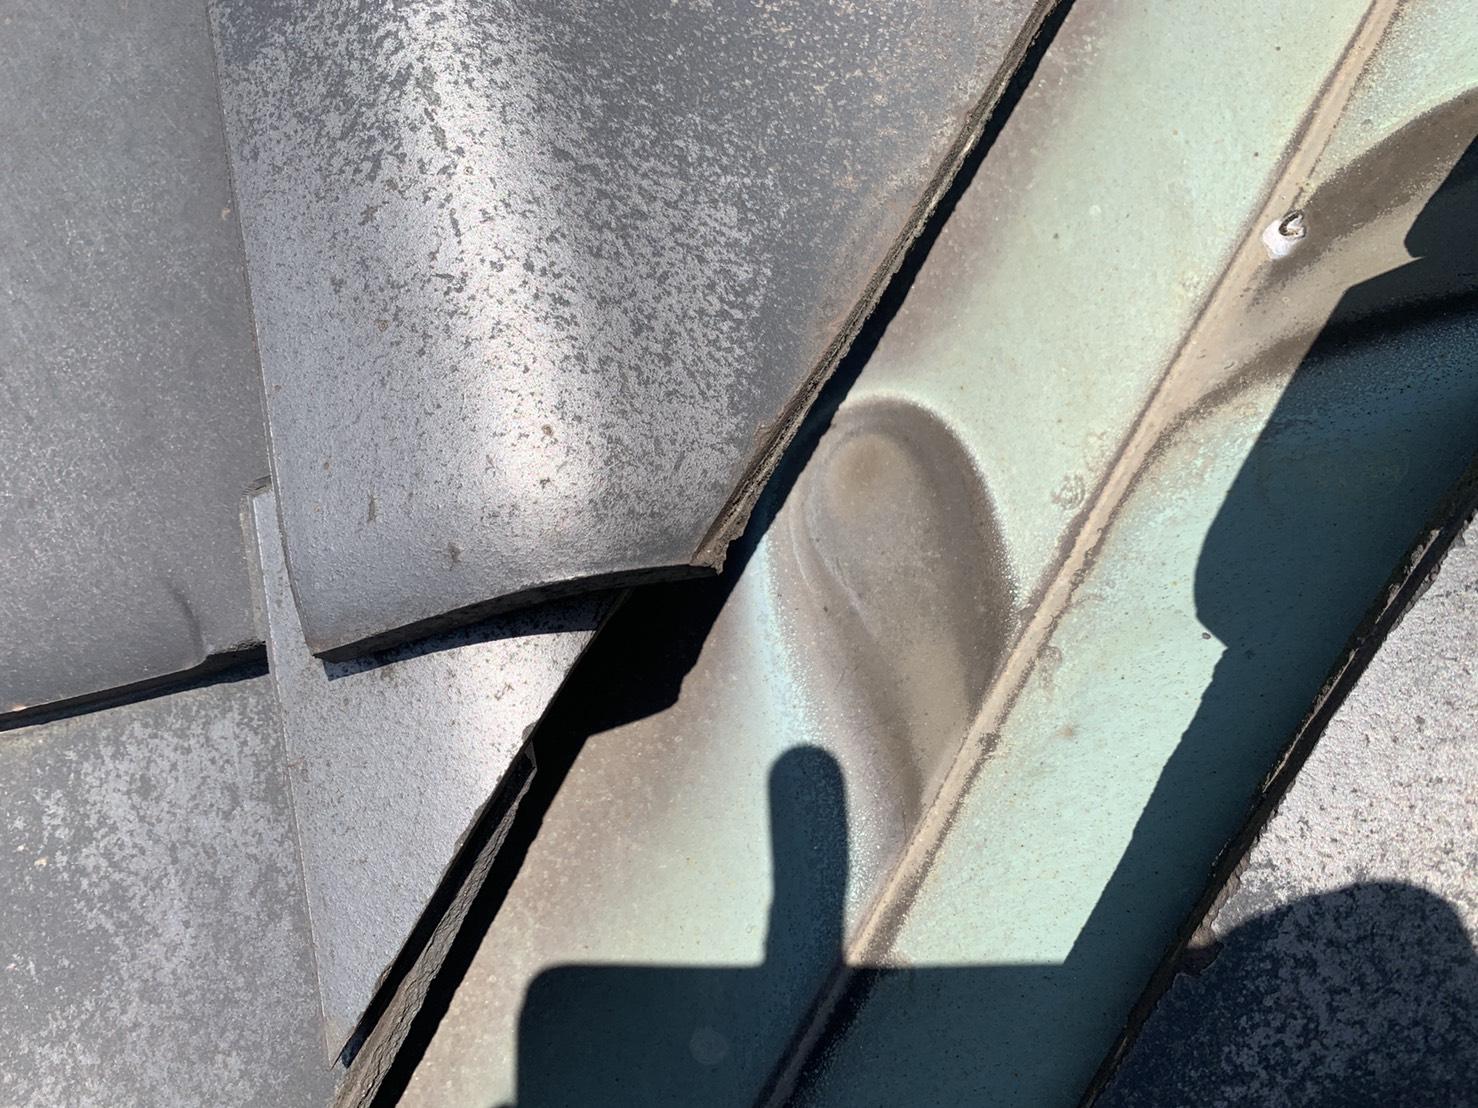 雨漏りの原因となる谷板の劣化